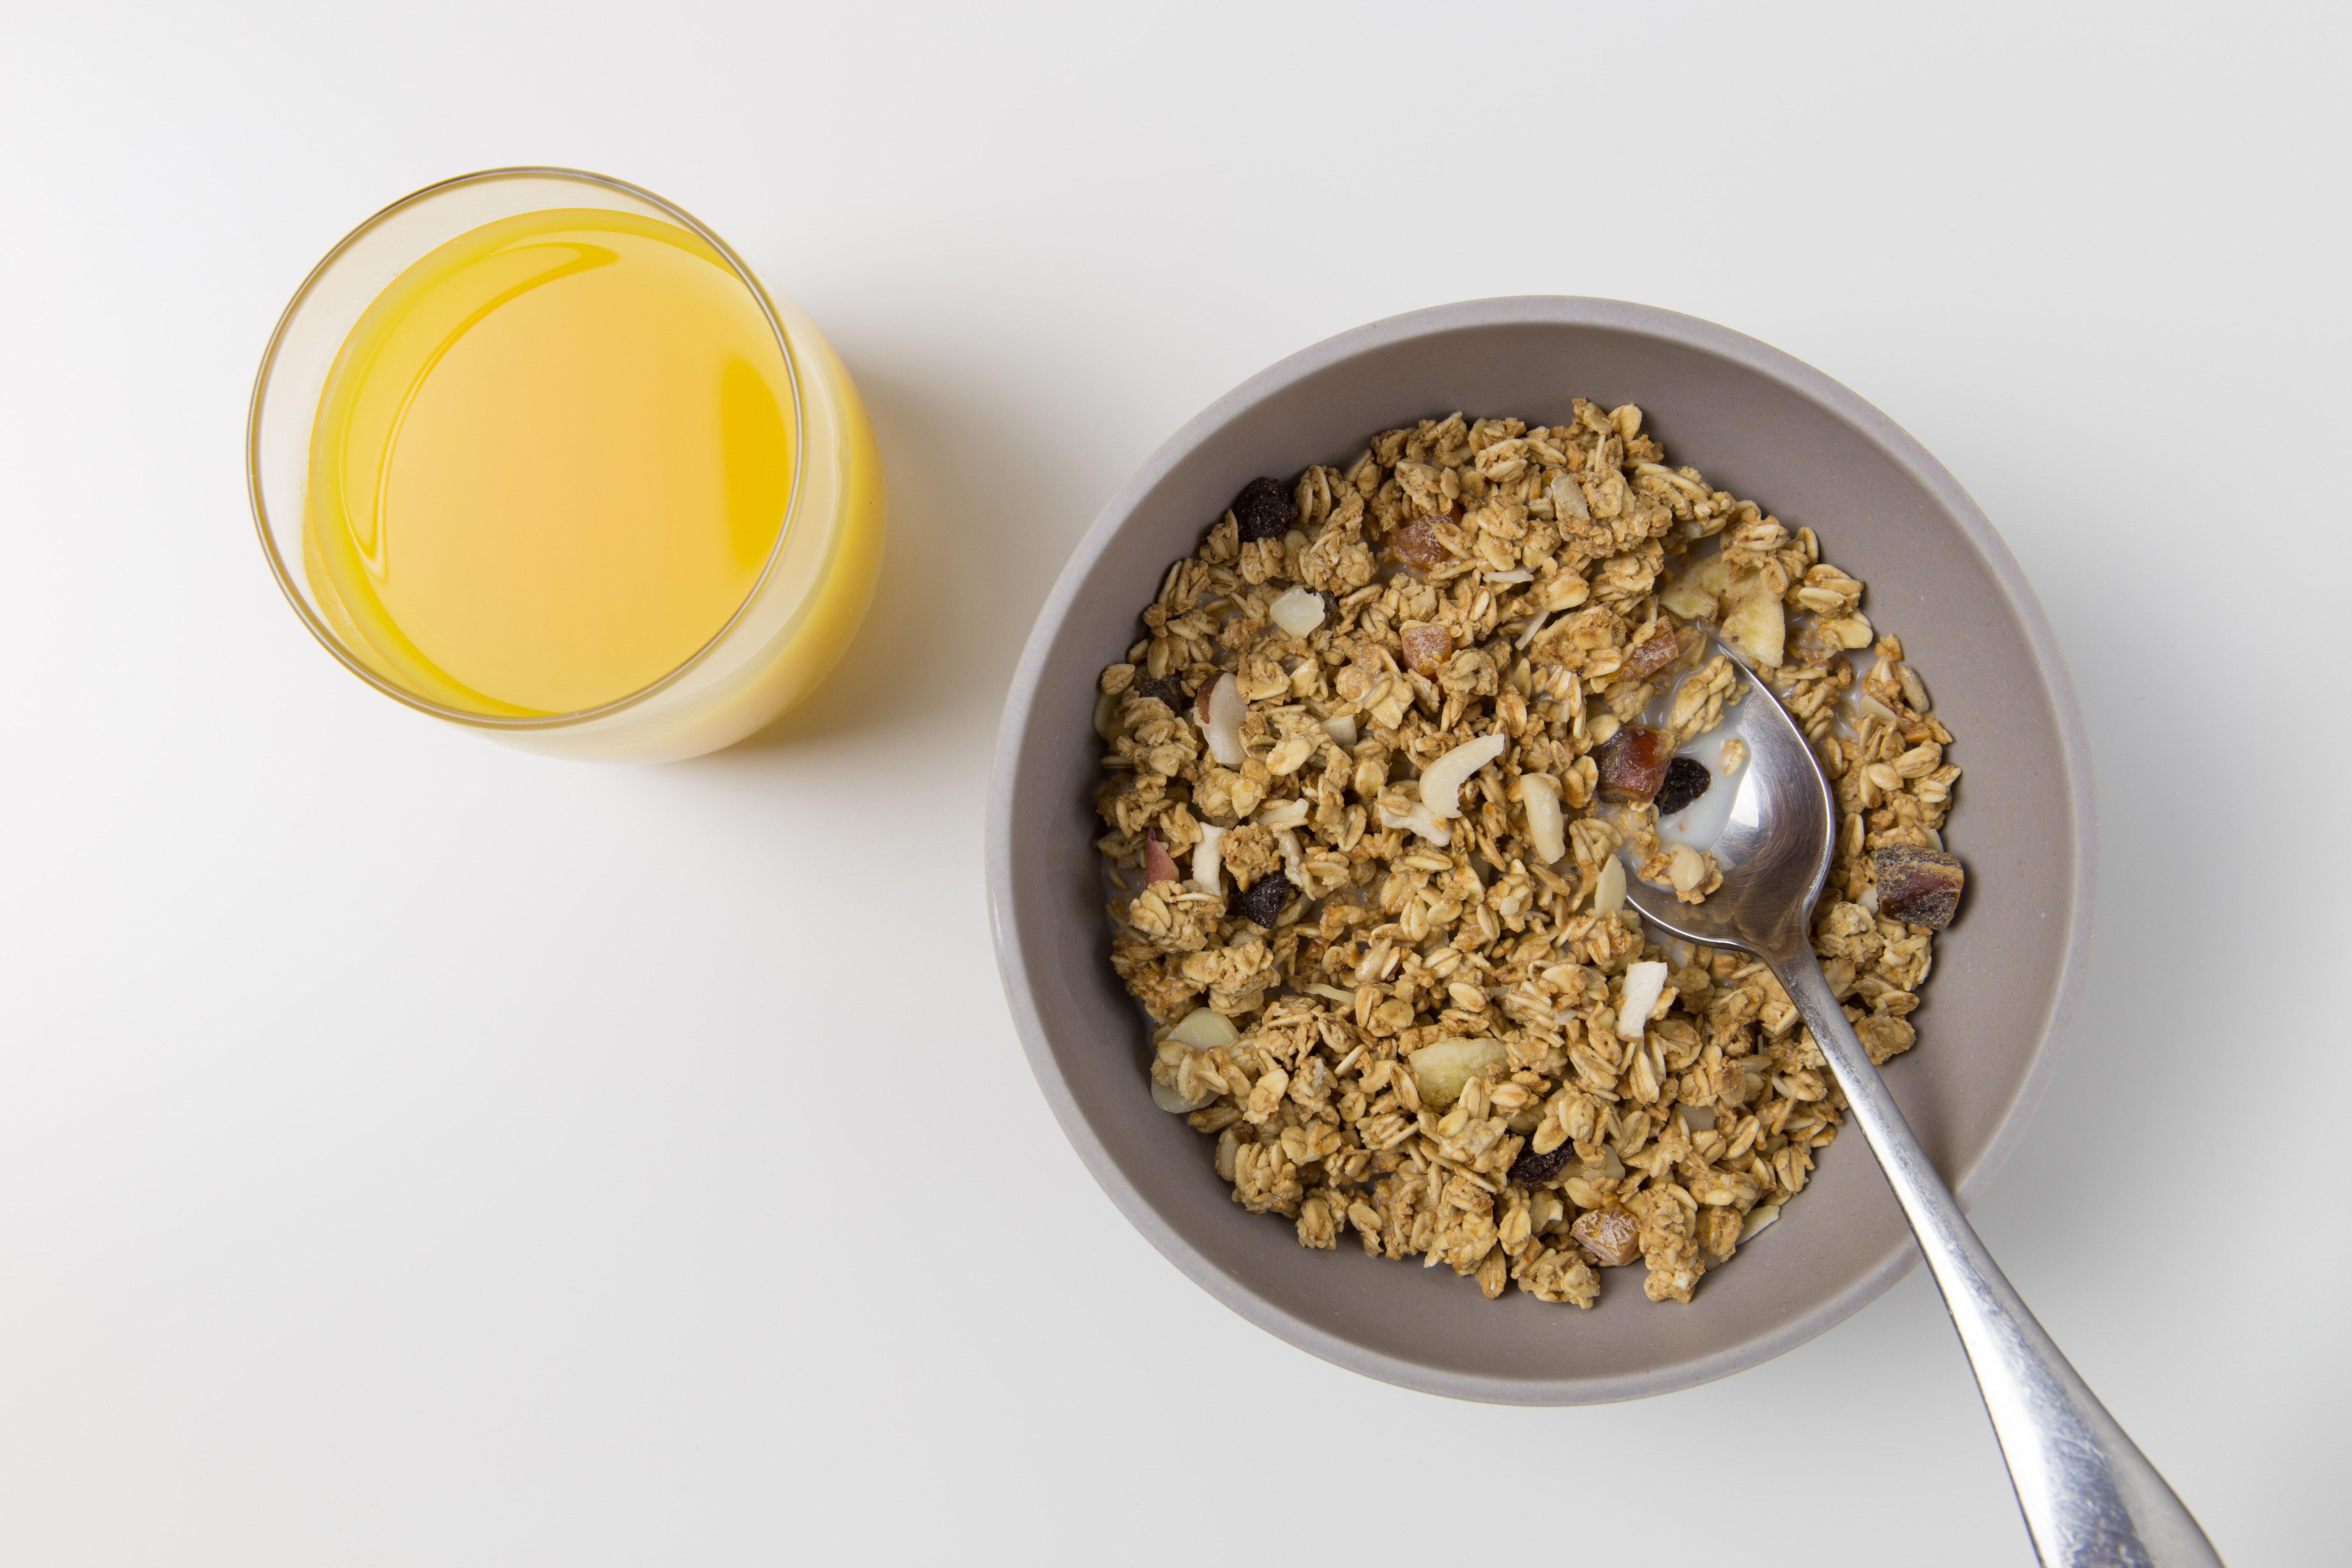 dieetbrug ongezond eten